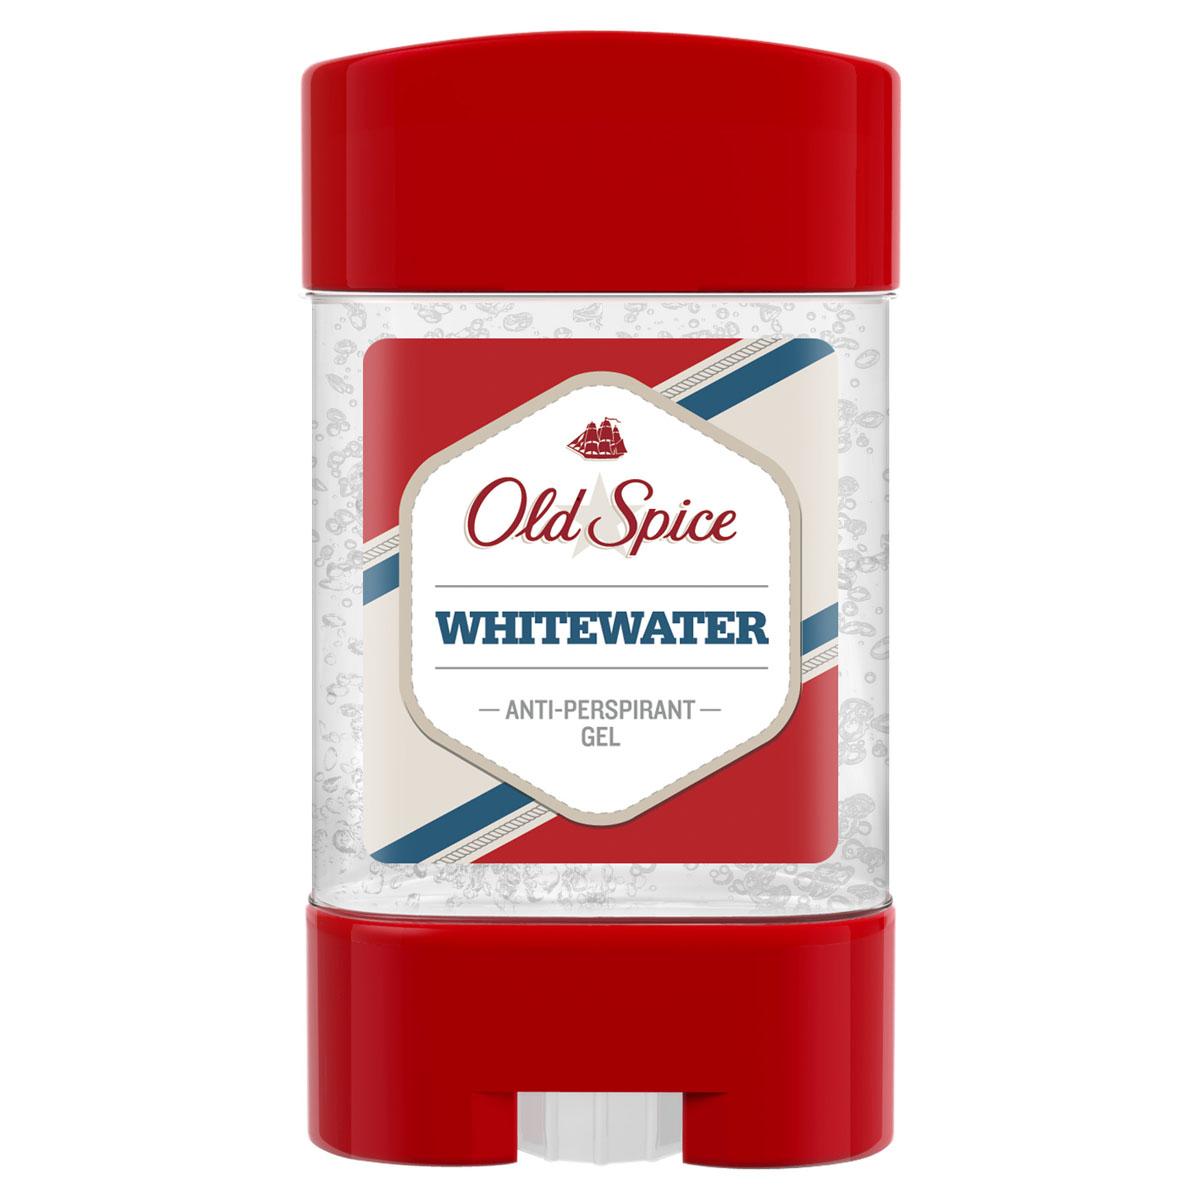 Old Spice Гелевый дезодорант-антиперспирант WhiteWater, 70 млFS-00897Гелевыйдезодорант-антиперспирант Old Spice Whitewater помогает коже быть сухой. Борется с неприятным запахом. Великолепныйаромат предназначен только для настоящих мужчин. Характеристики:Объем: 70 мл. Производитель: Чехия. Артикул: 98744496. Товар сертифицирован.